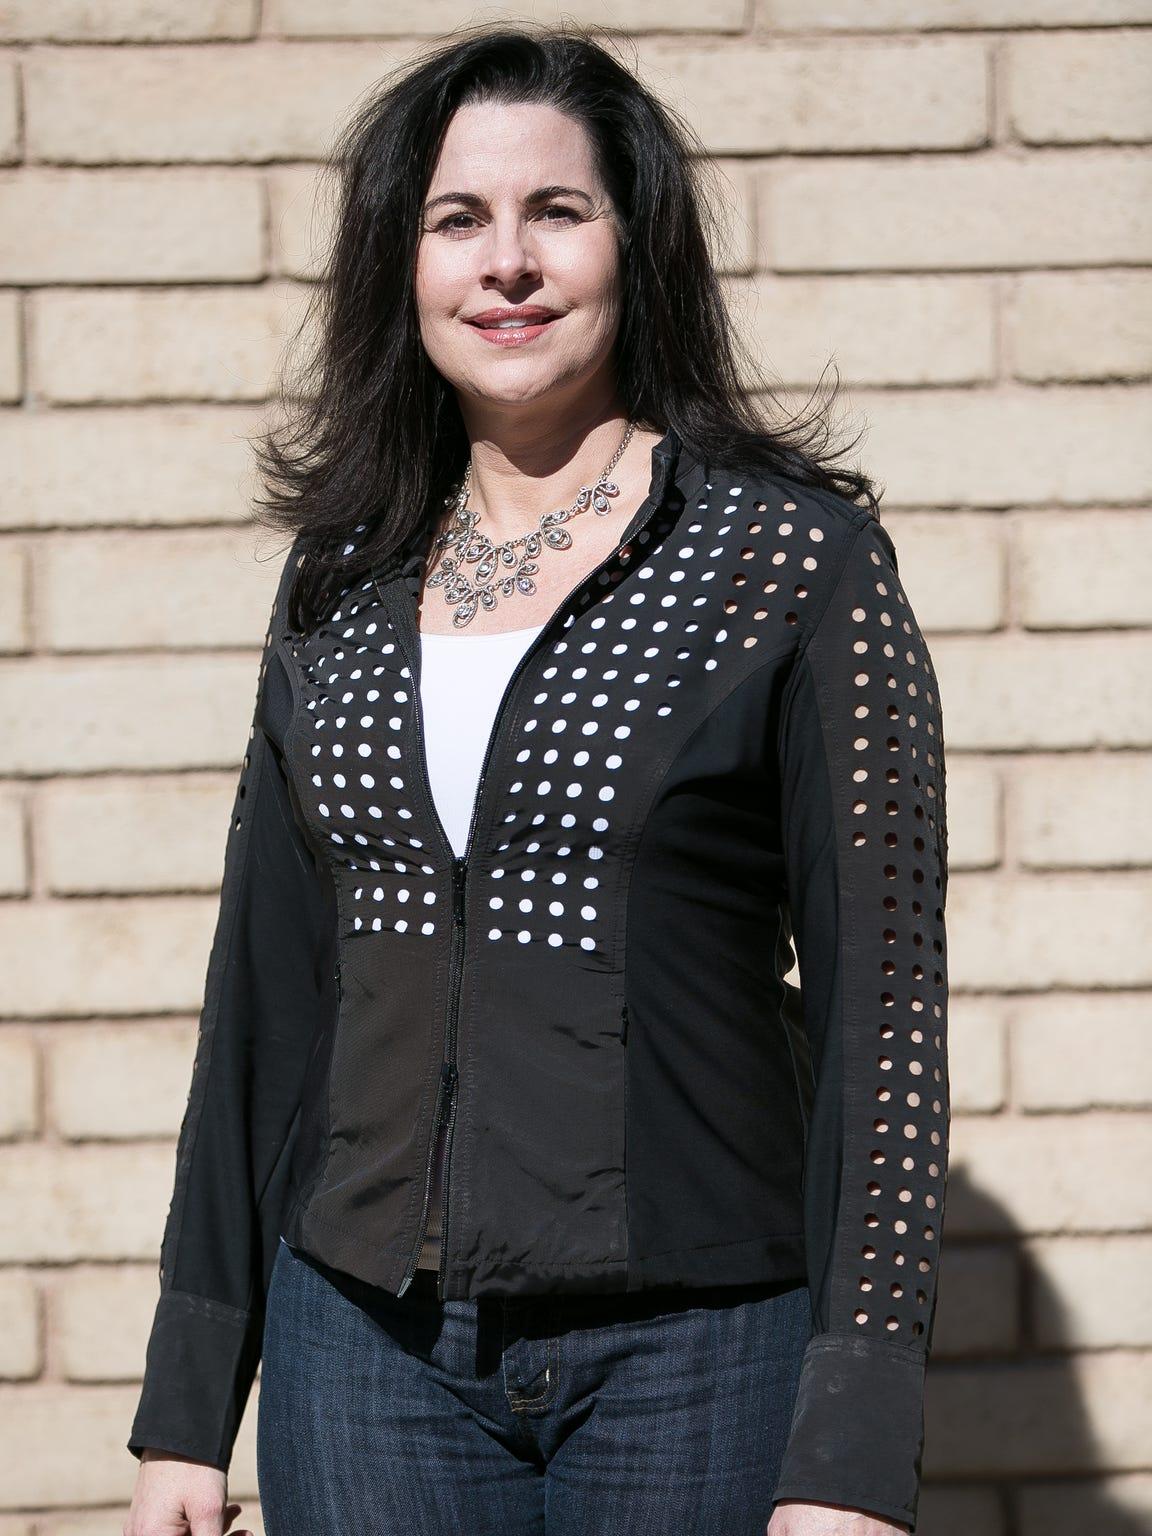 Sueann Kenney-Noziska, La Piñon counselor coordinator